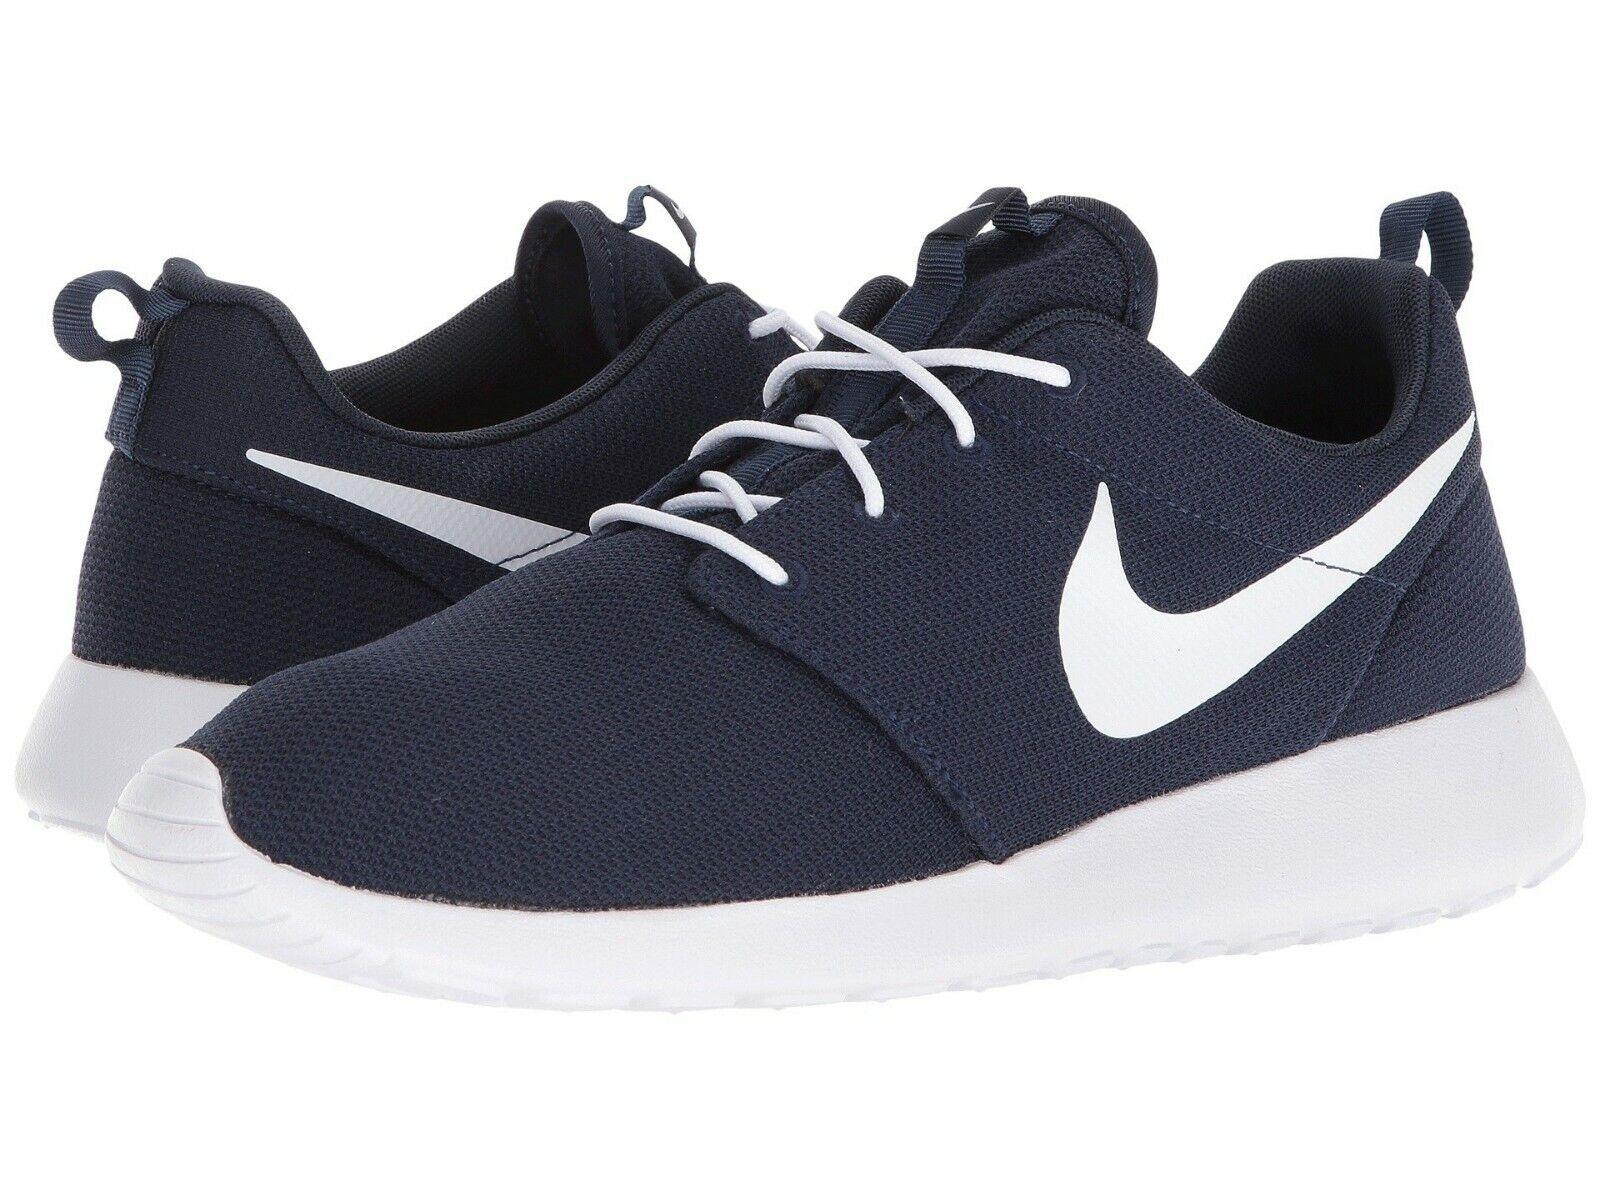 Nike Roshe One Mens 511881 423 Obsidian Blue White Mesh Running Shoes Size 11